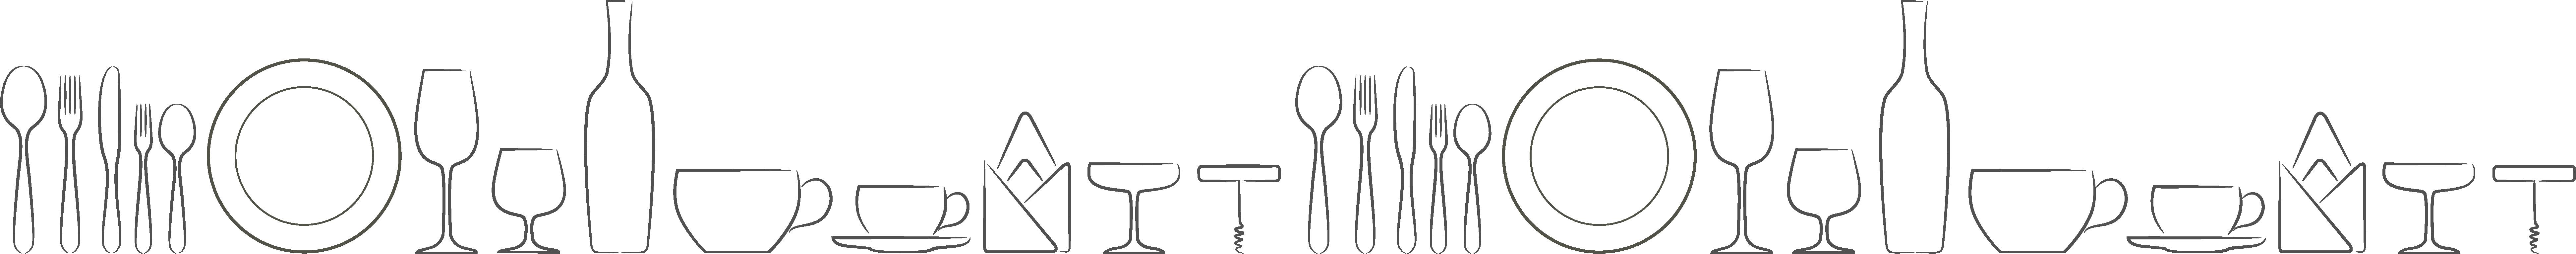 kitchen-utensils-dark-gold-length-72ppi